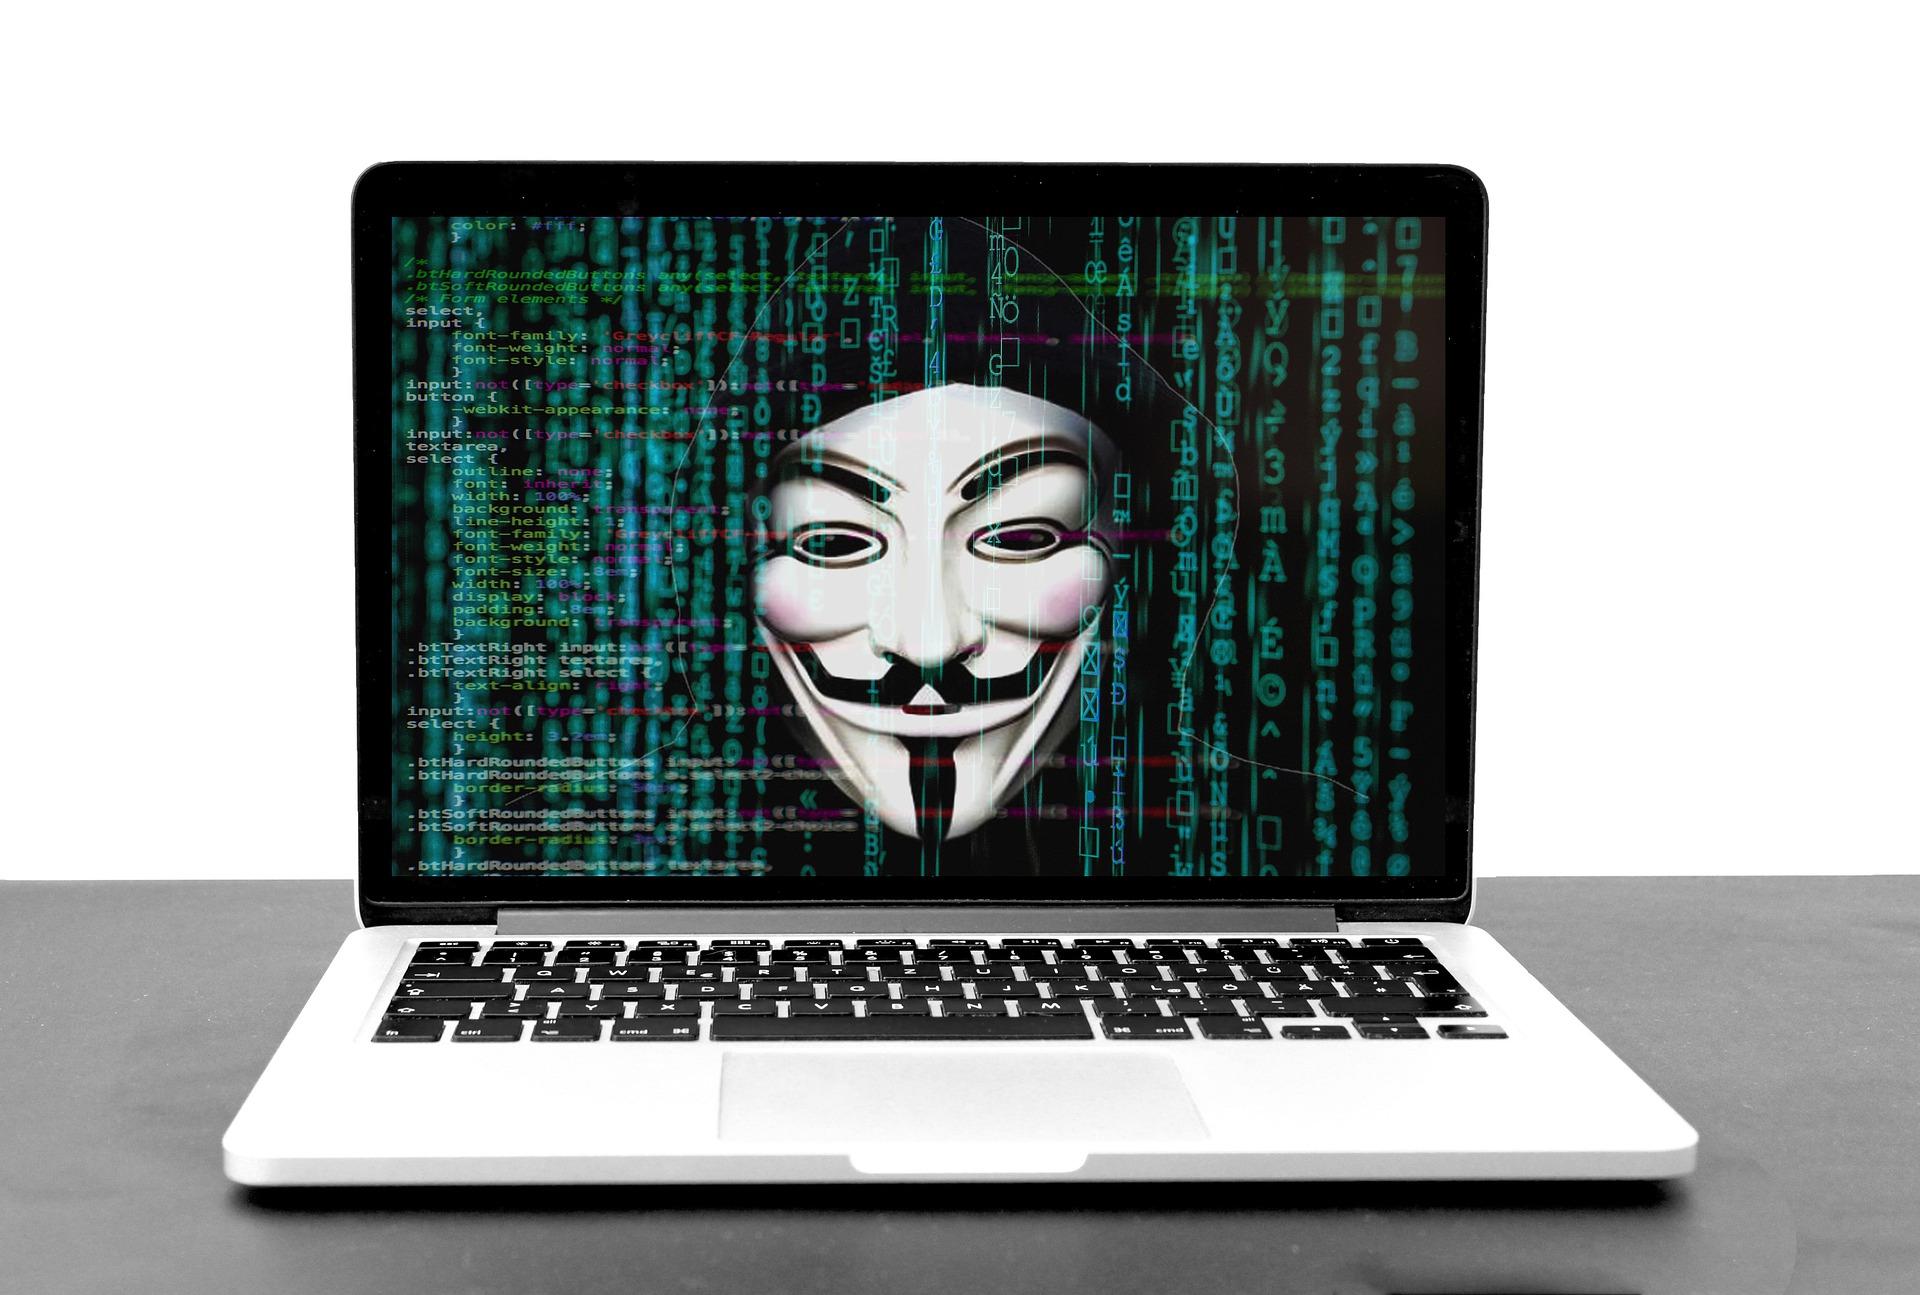 hacker-5332764_1920